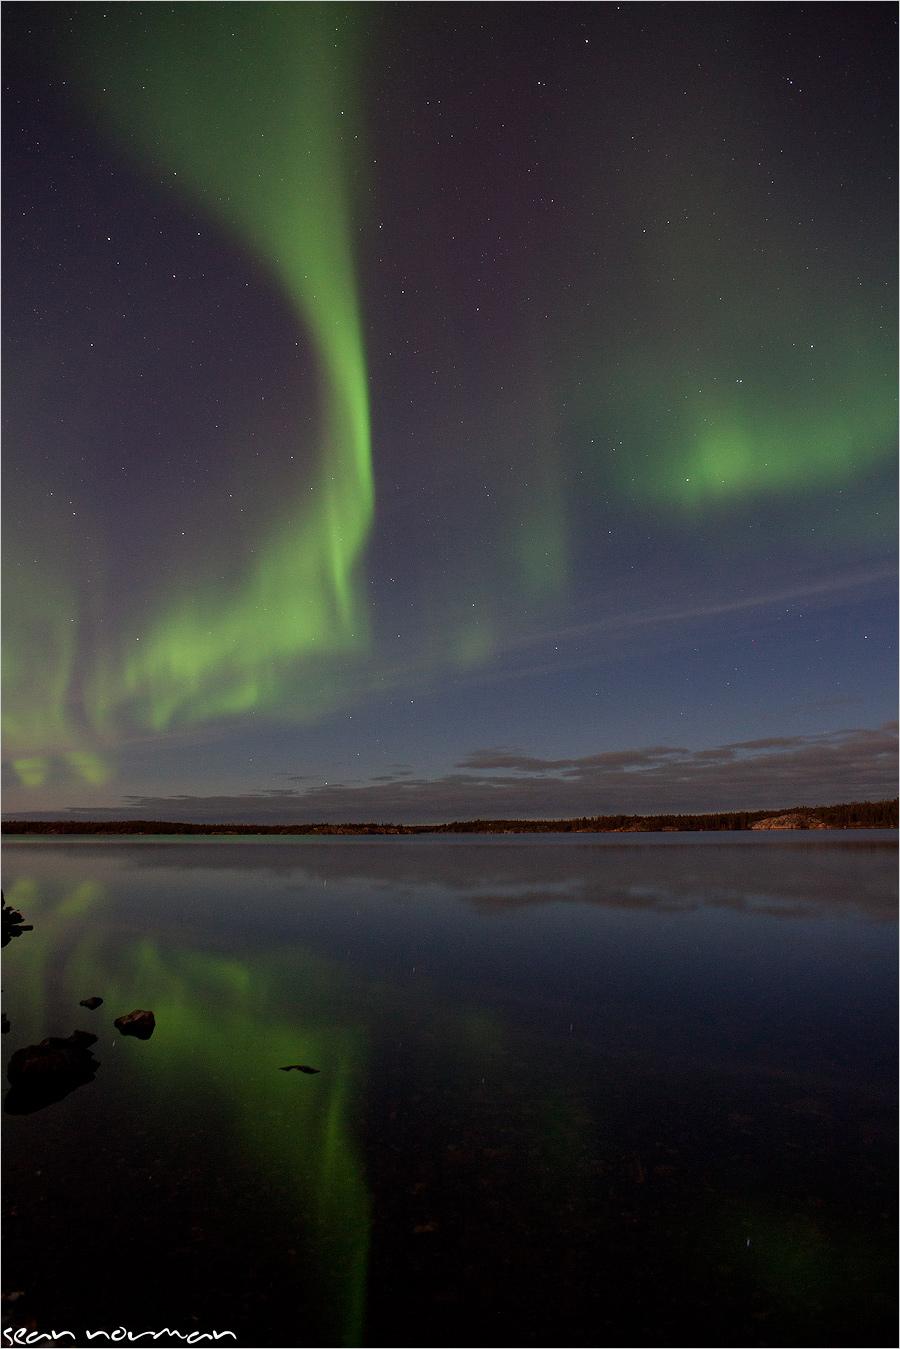 yellowknife aurora borealis